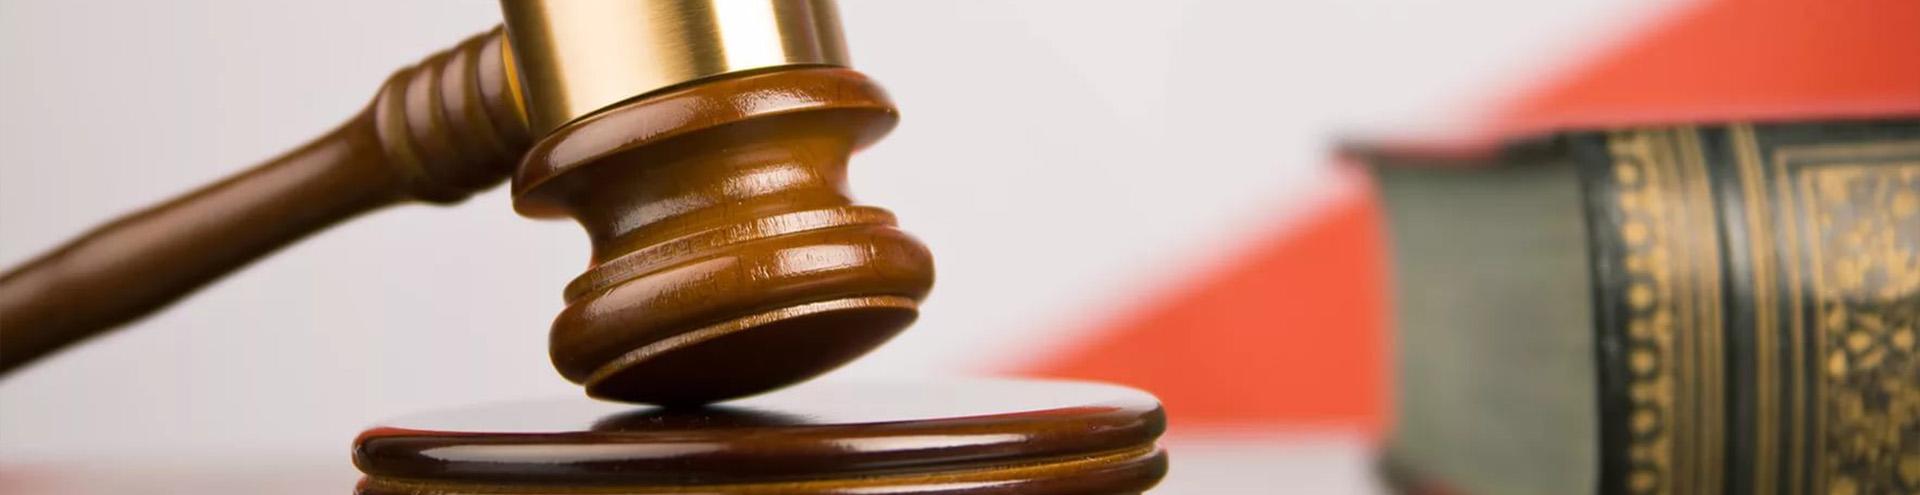 выдача судебного приказа в Владимире и Владимирской области